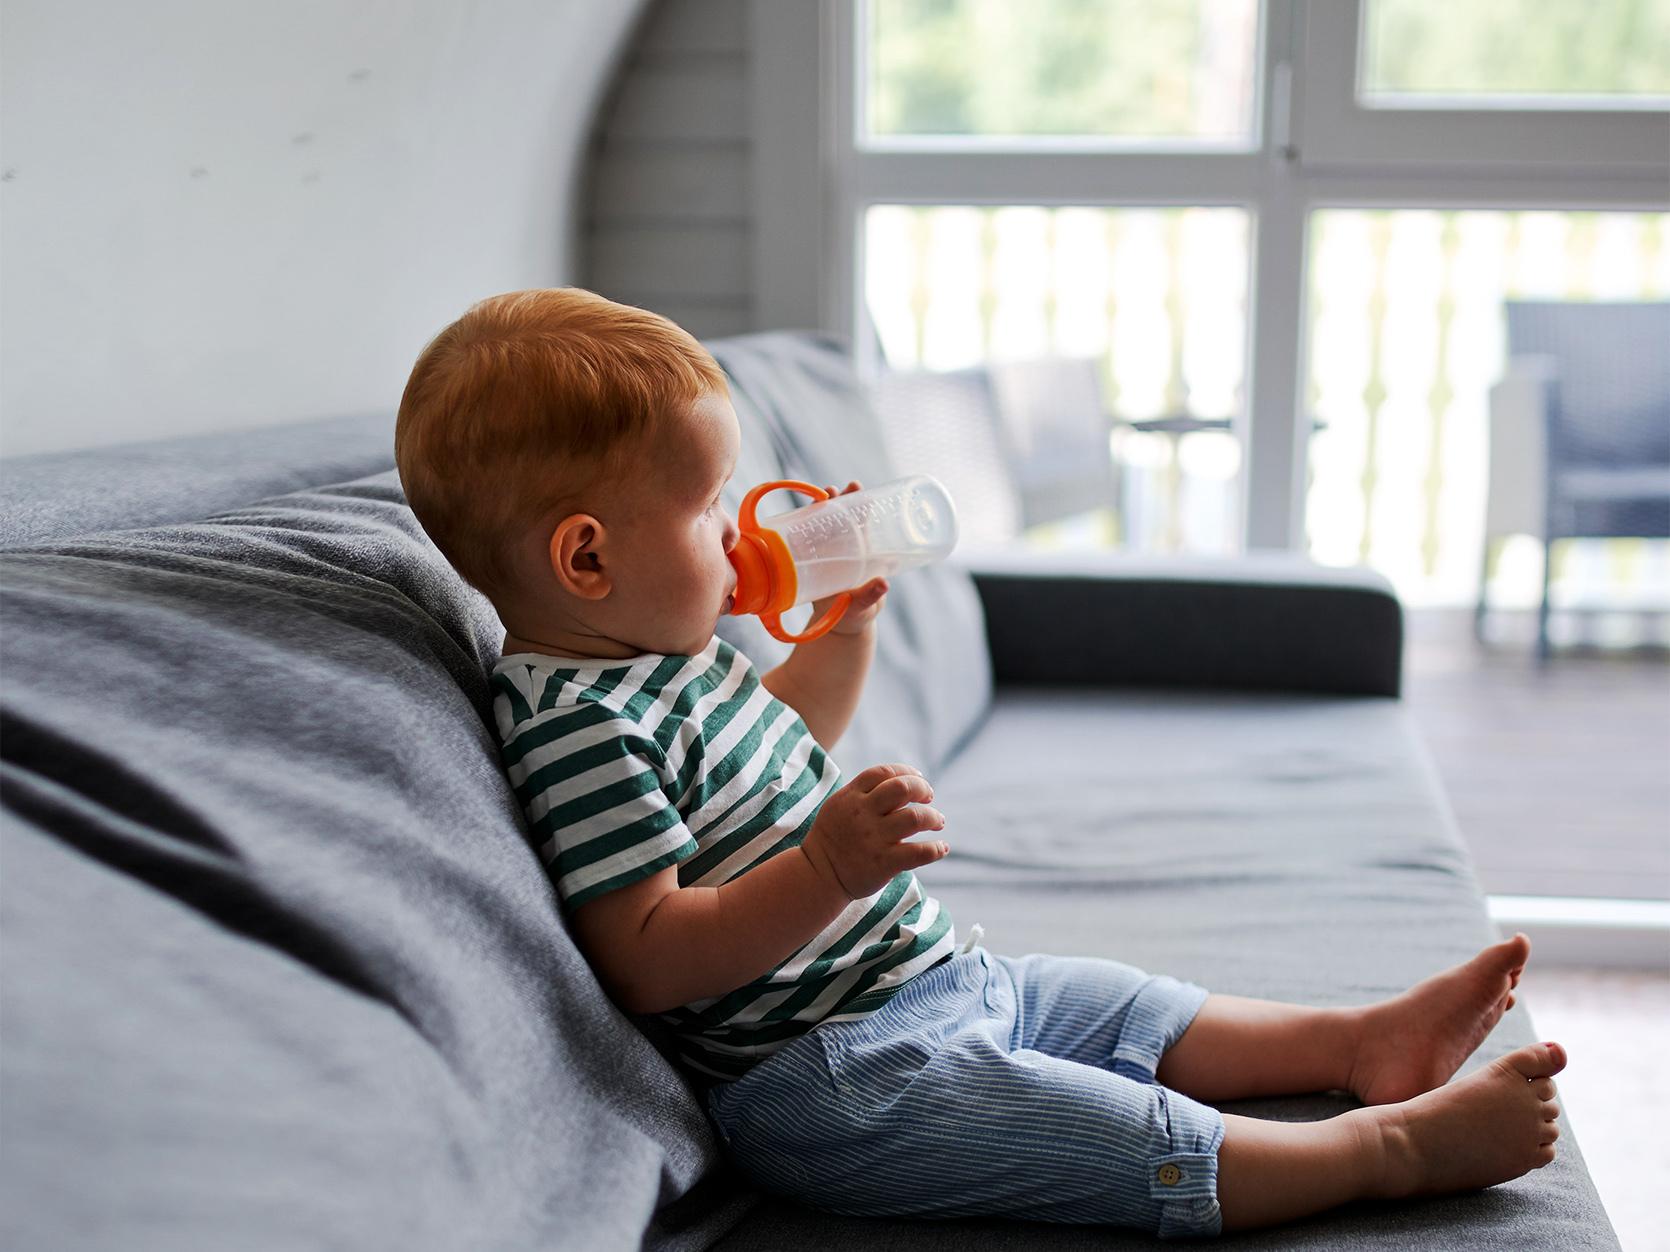 Dziecko pije z butelki